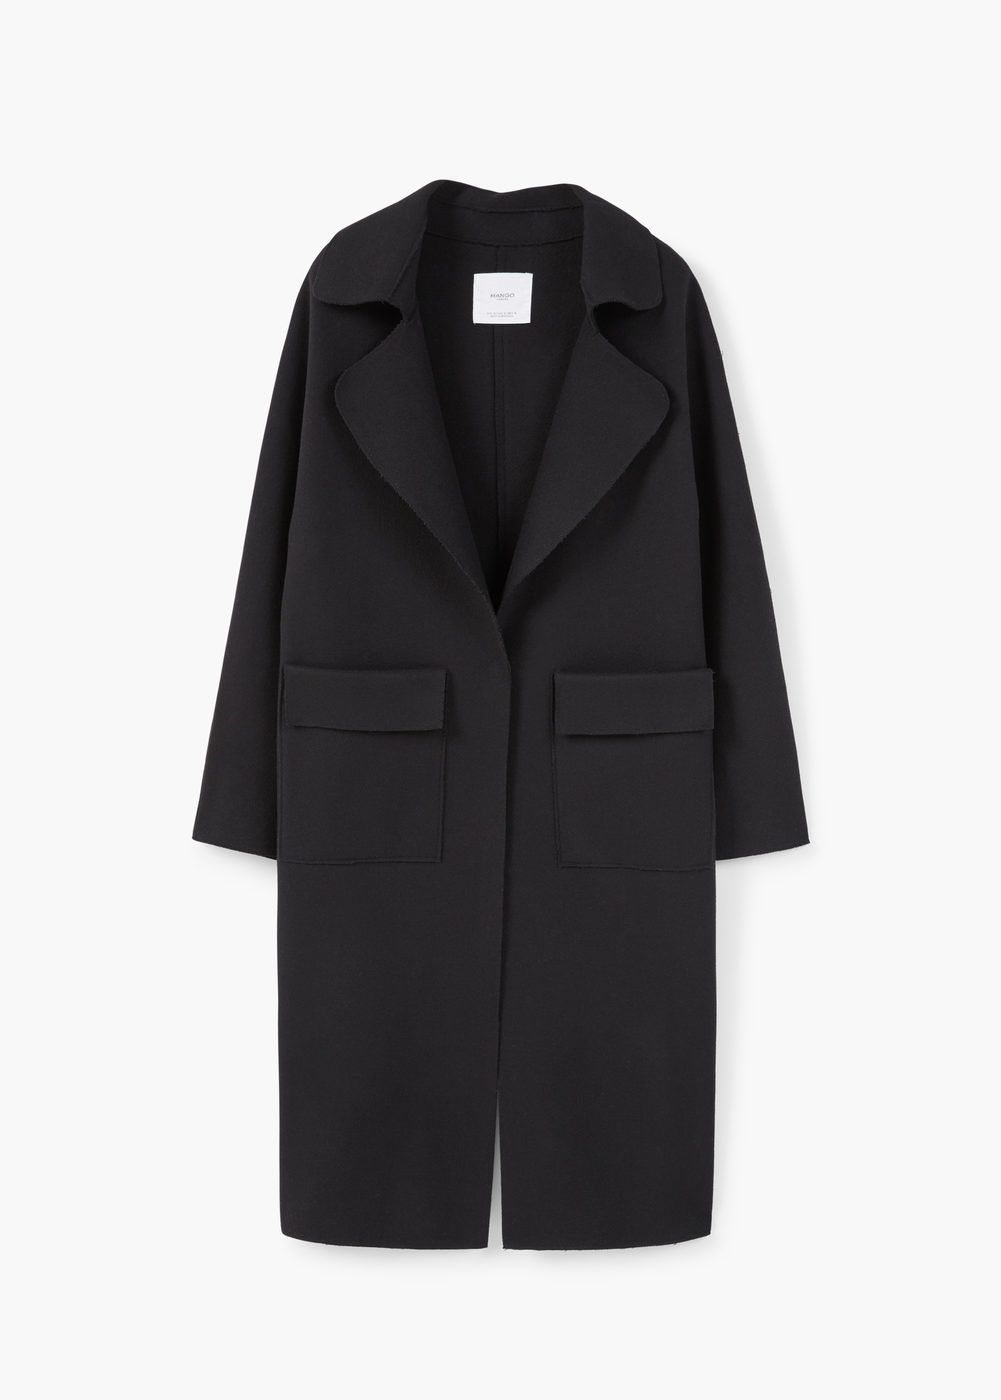 c899e158ecf4 Pocketed wool coat - Women in 2019